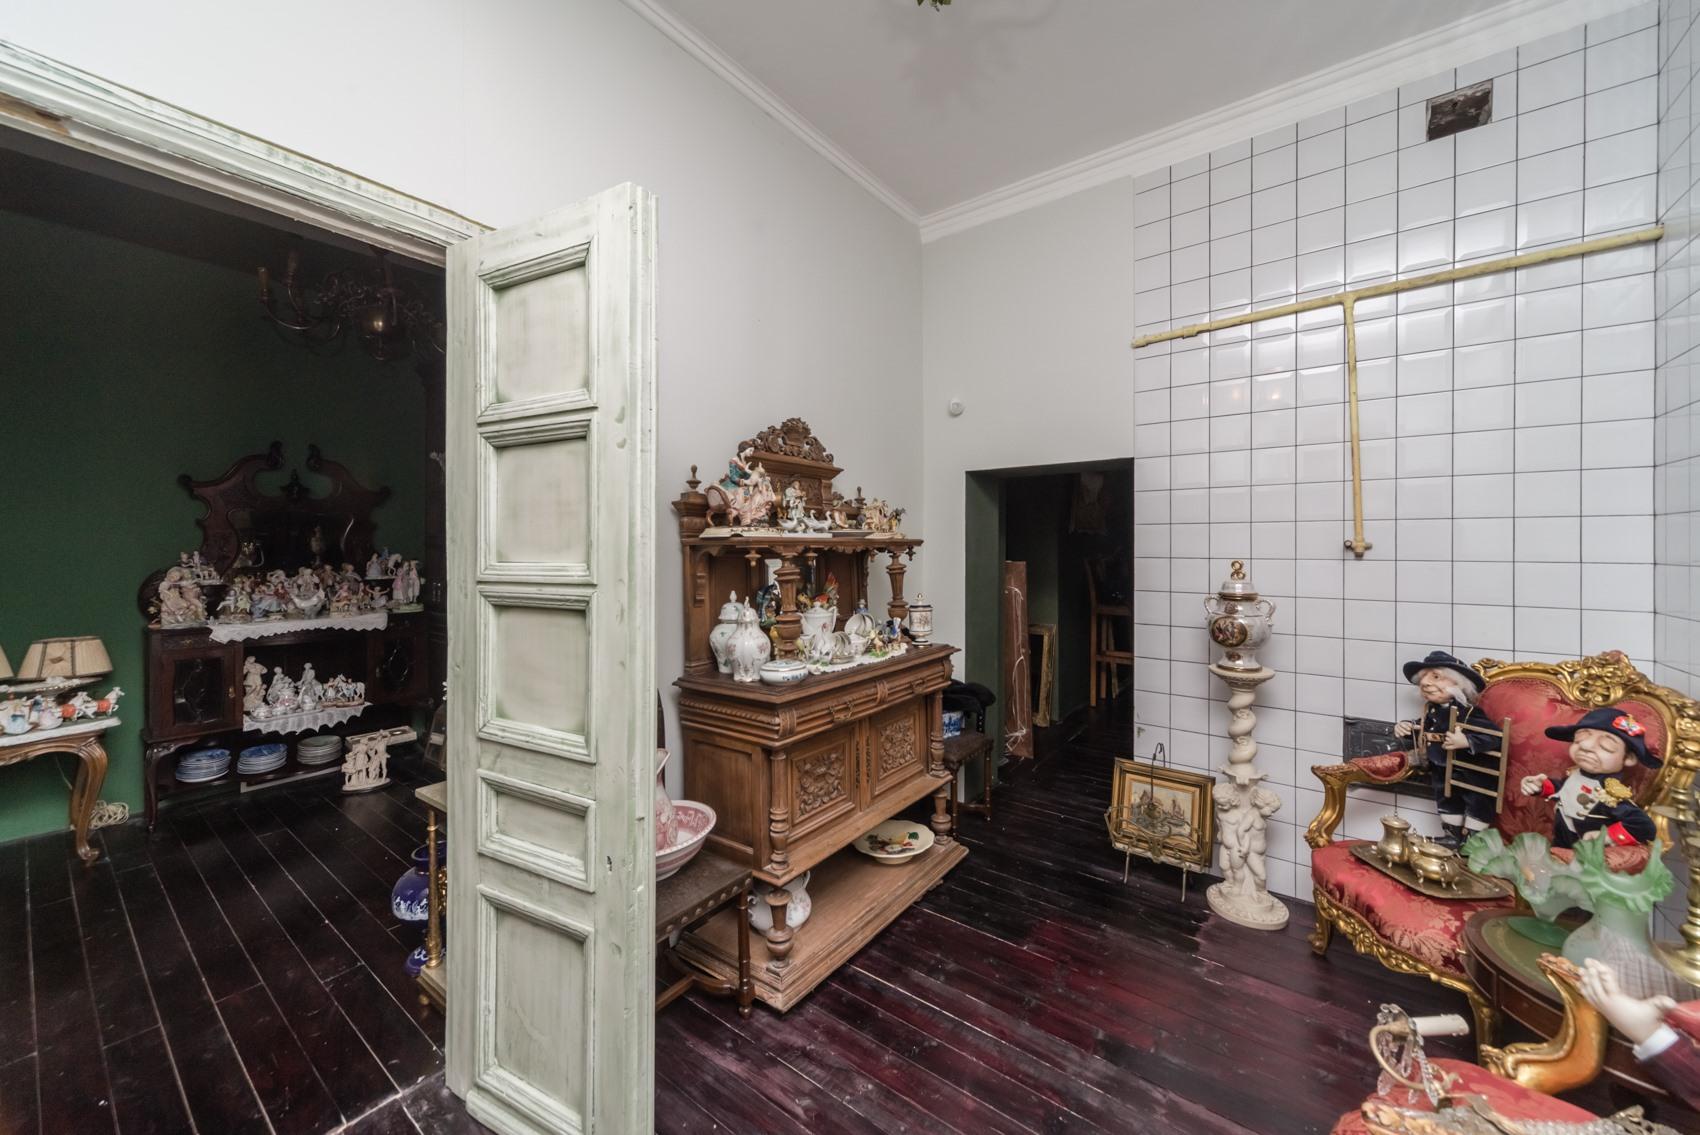 Квартира больше похожа на музей